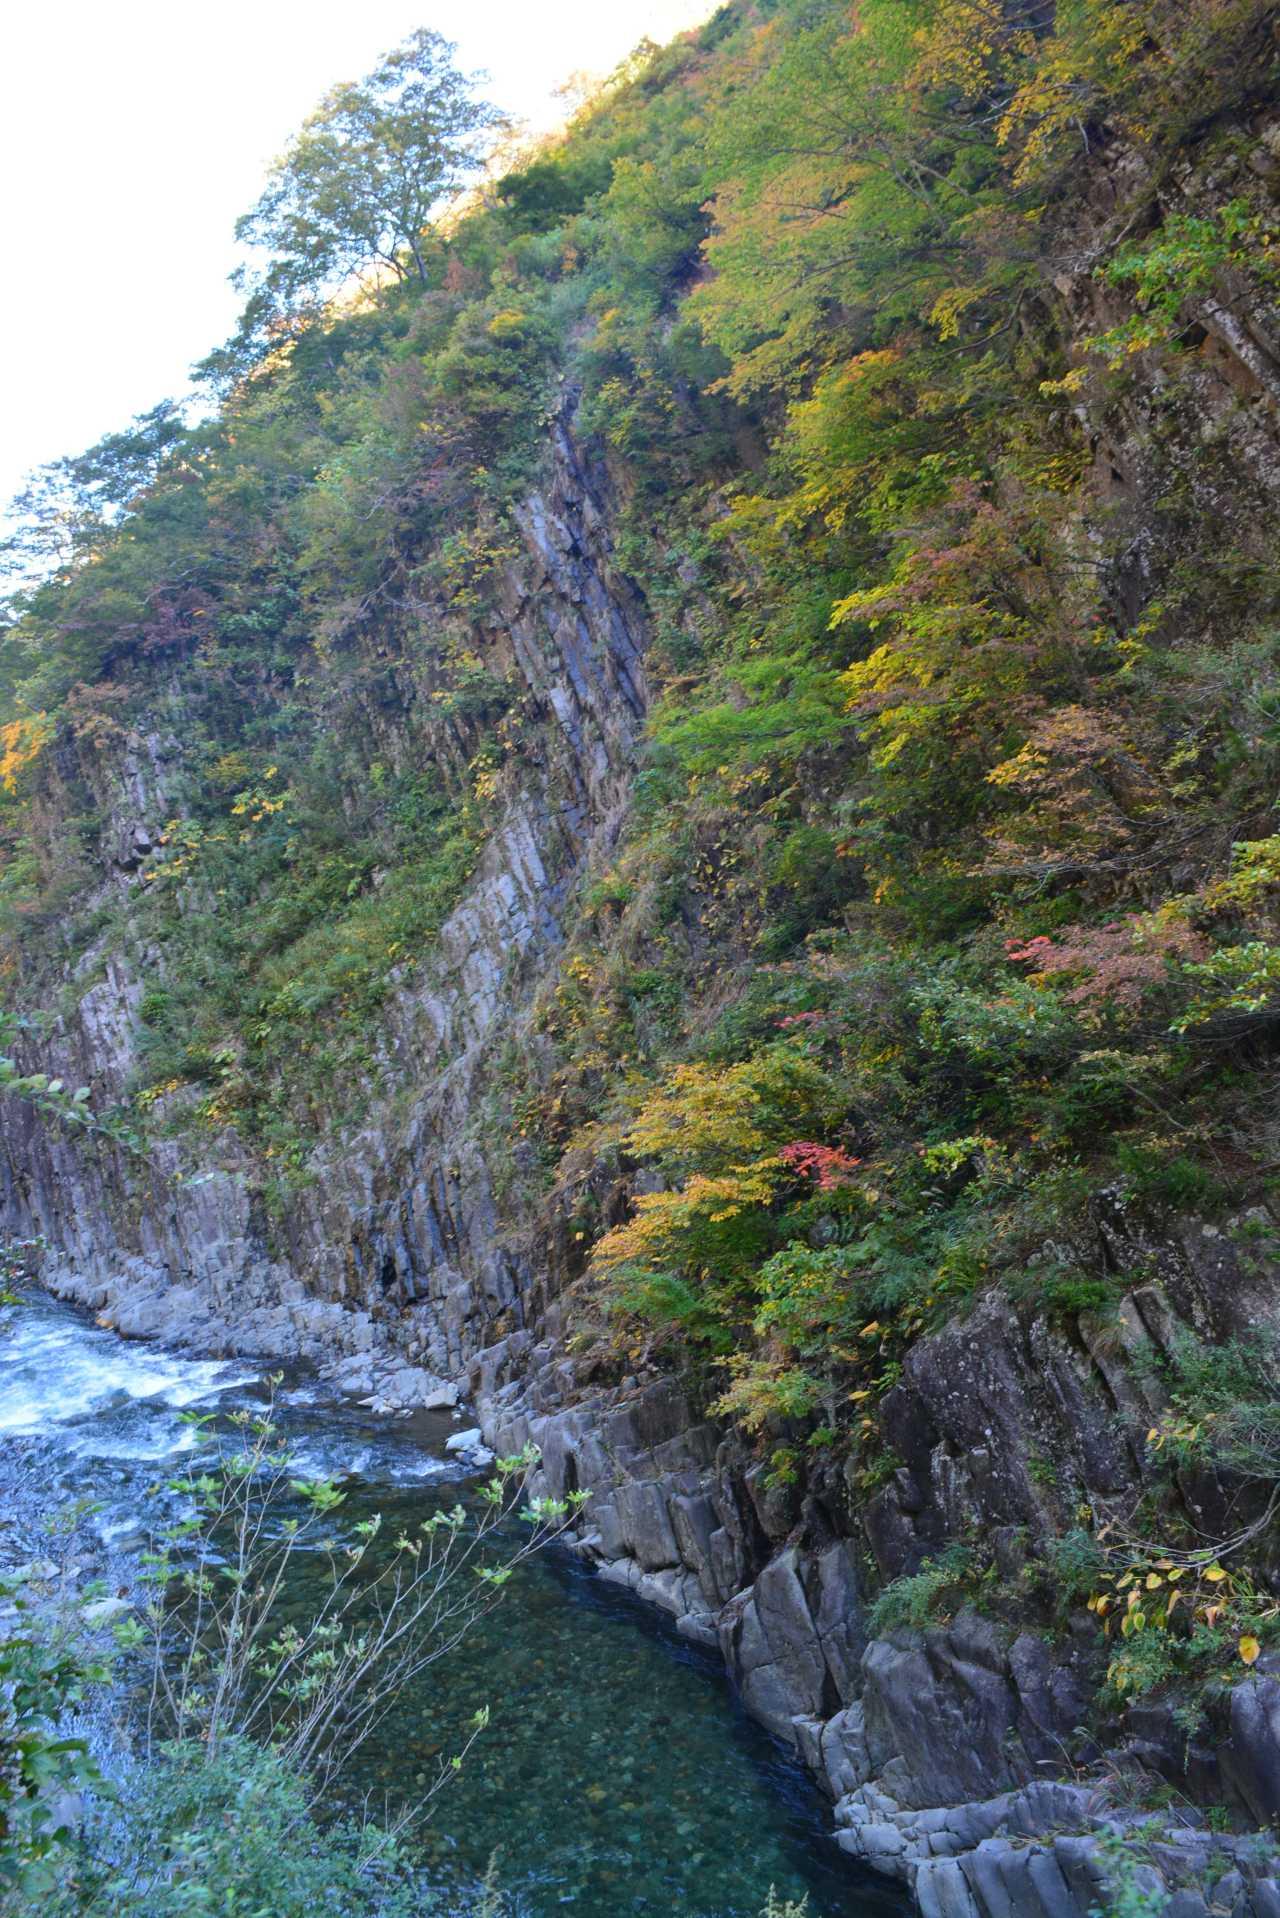 清津渓谷 — KiyotsuGorge